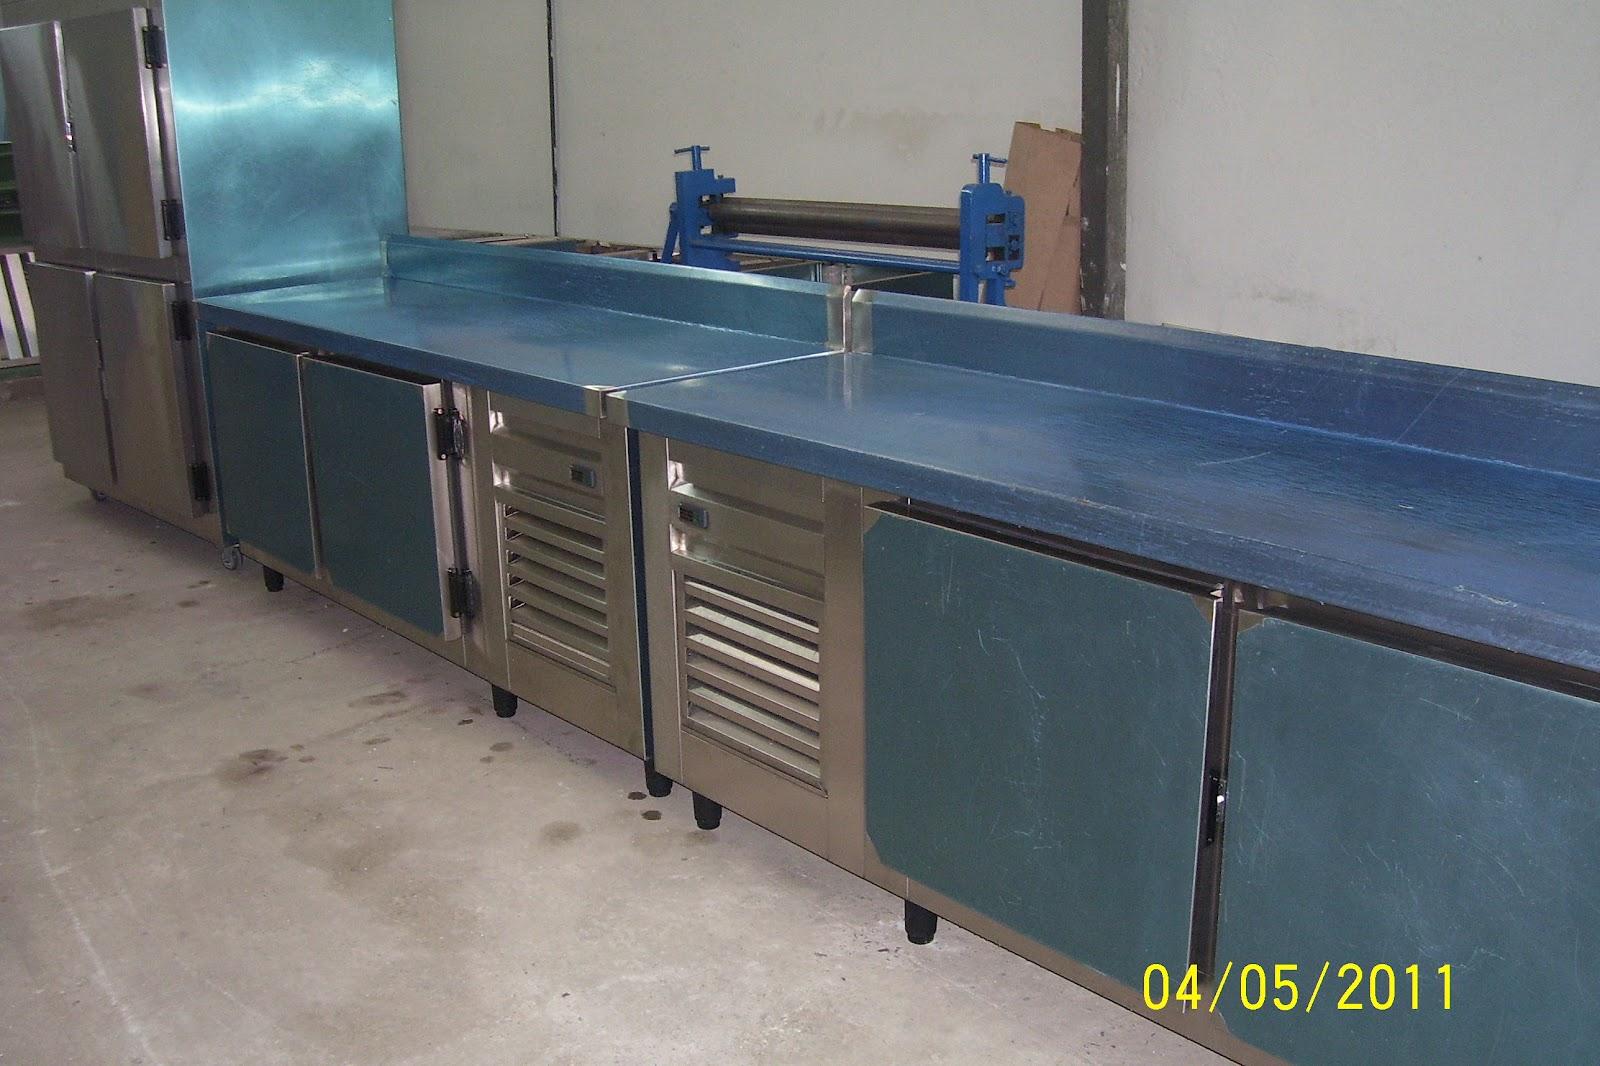 Cozinha Industrial Pictures #3F838C 1600 1066